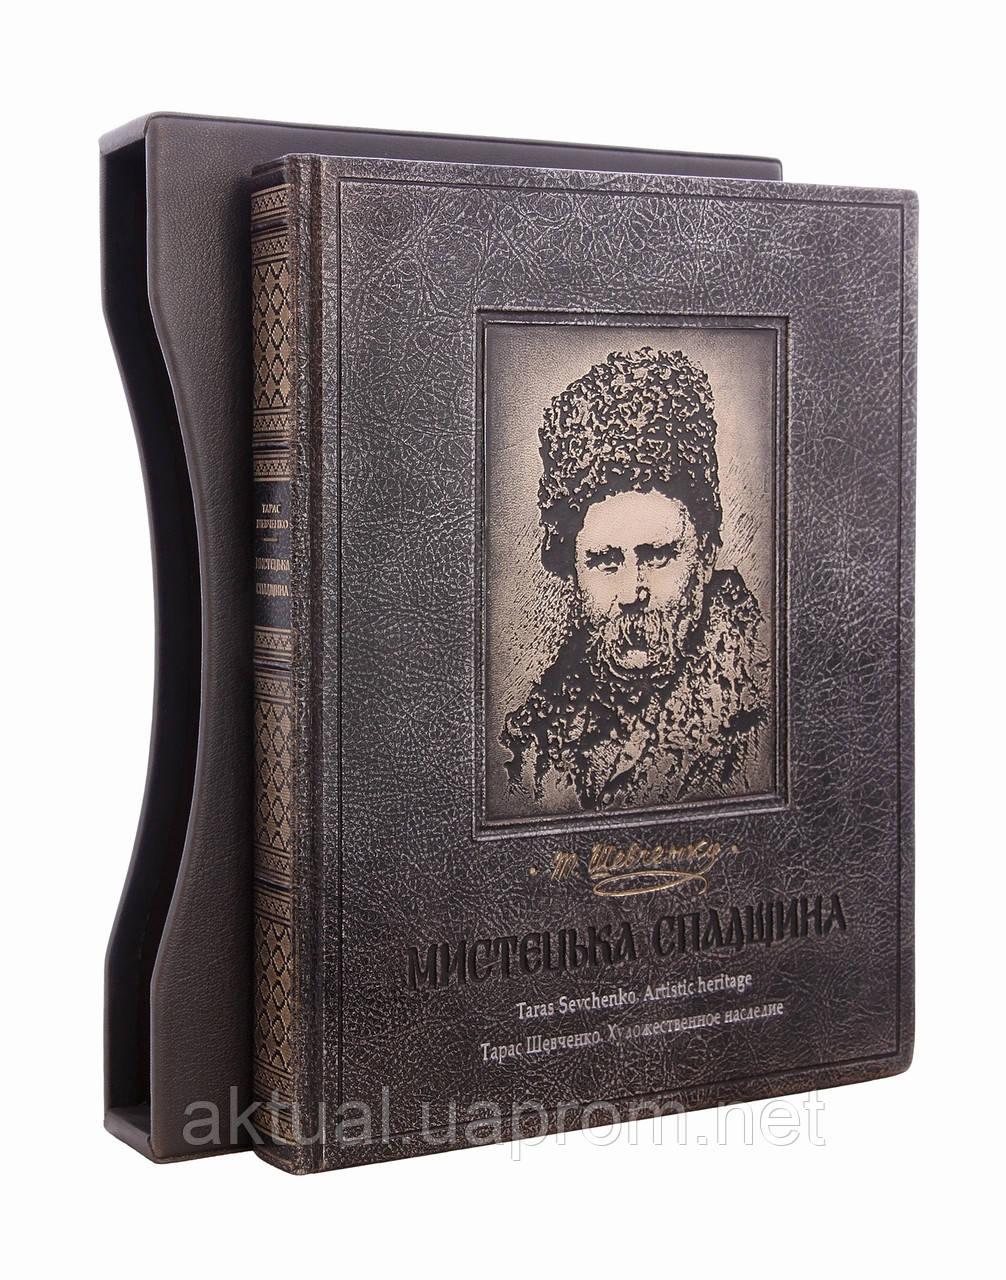 Подарункове видання Мистецька спадщина. Т.Г. Шевченко